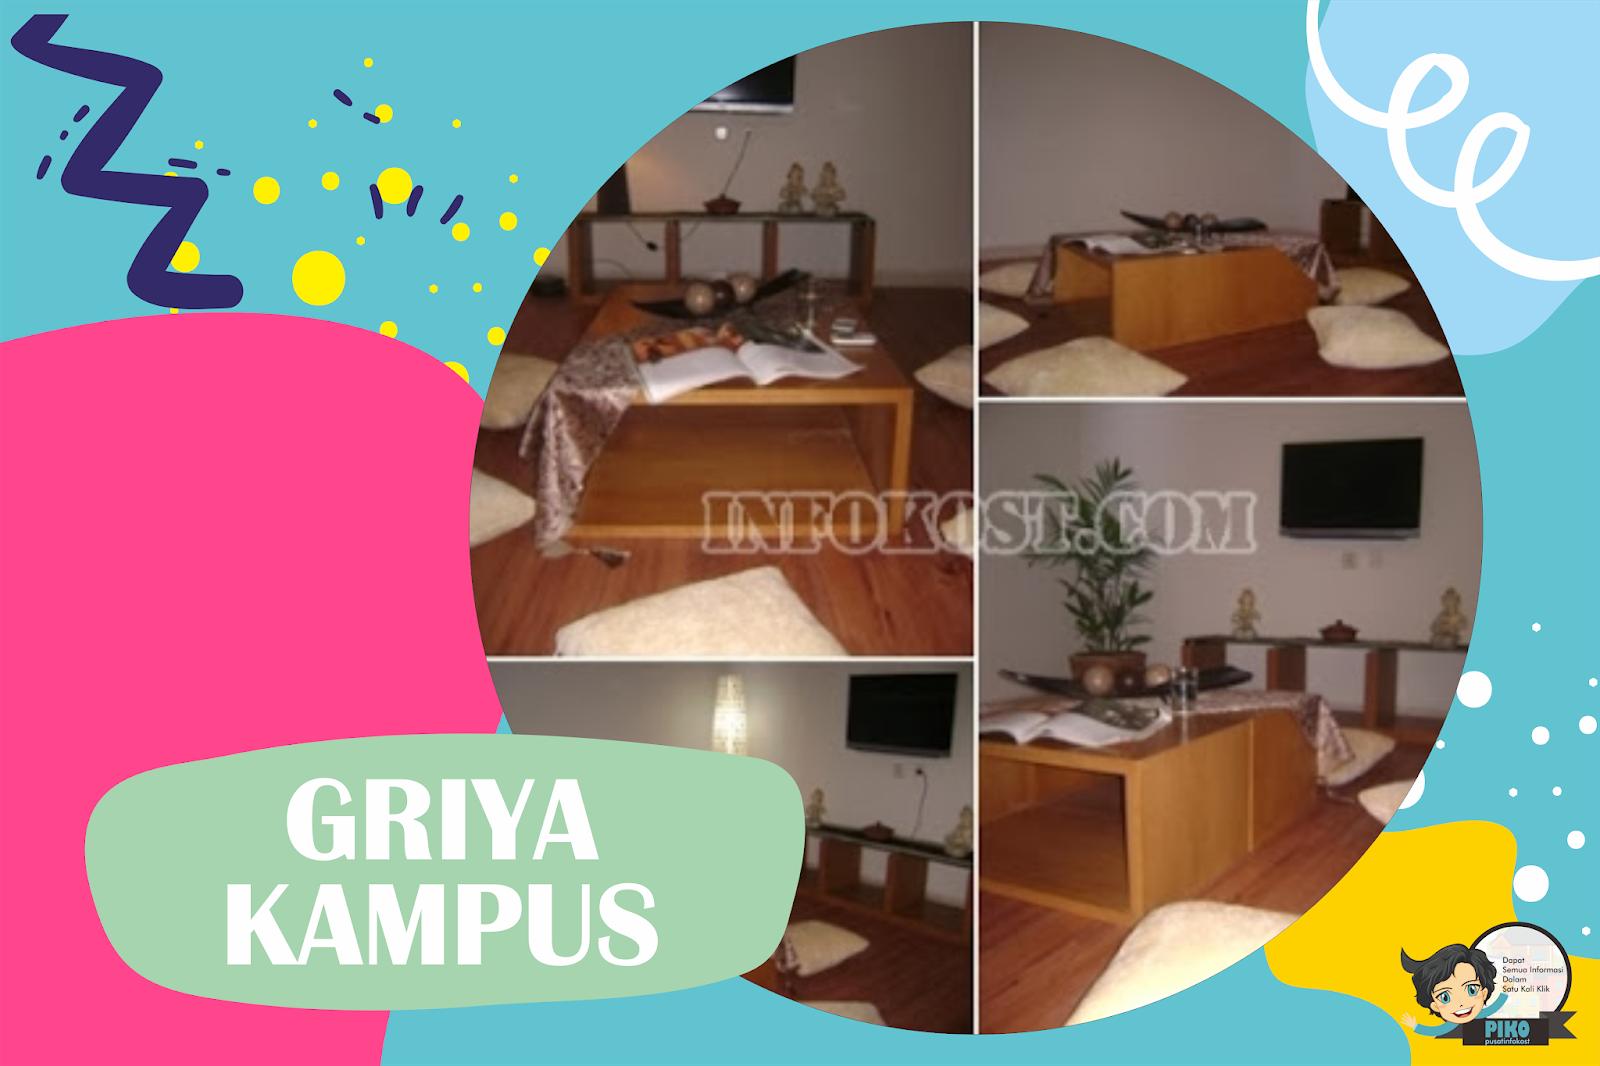 Griya Kampus